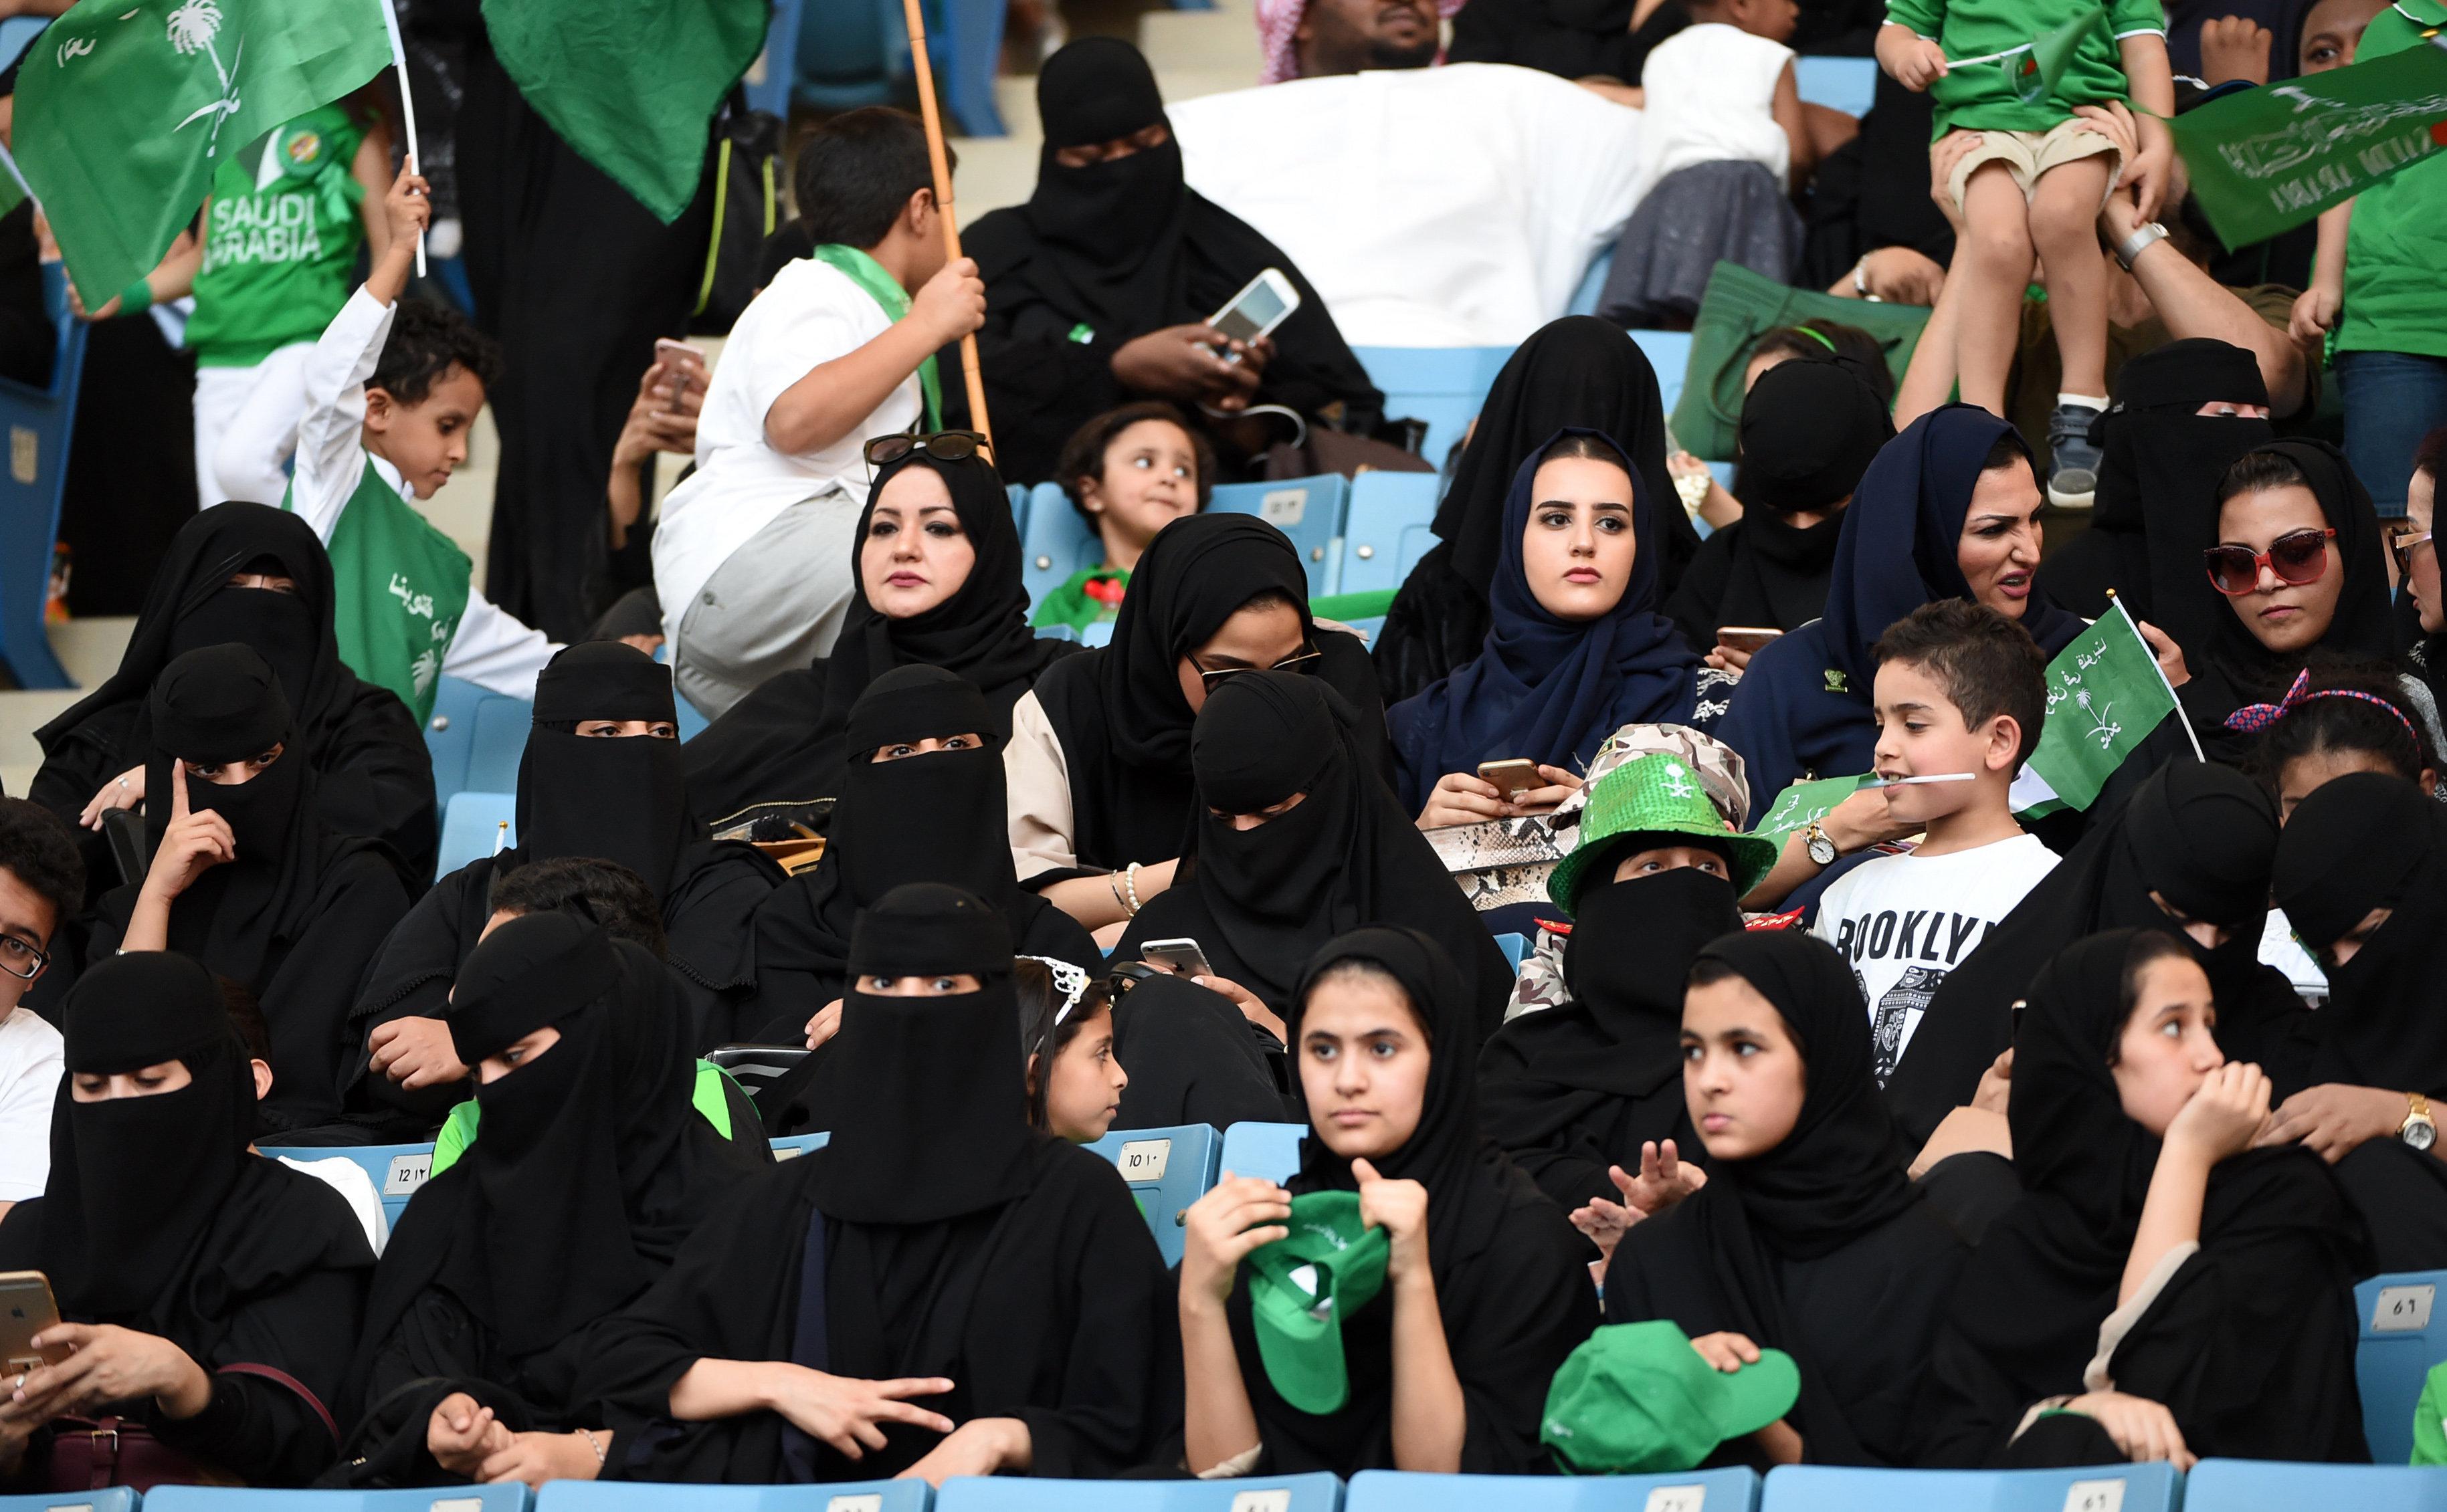 Womencommemorate the anniversary of Saudi Arabia's founding atKing Fahd International Stadium...